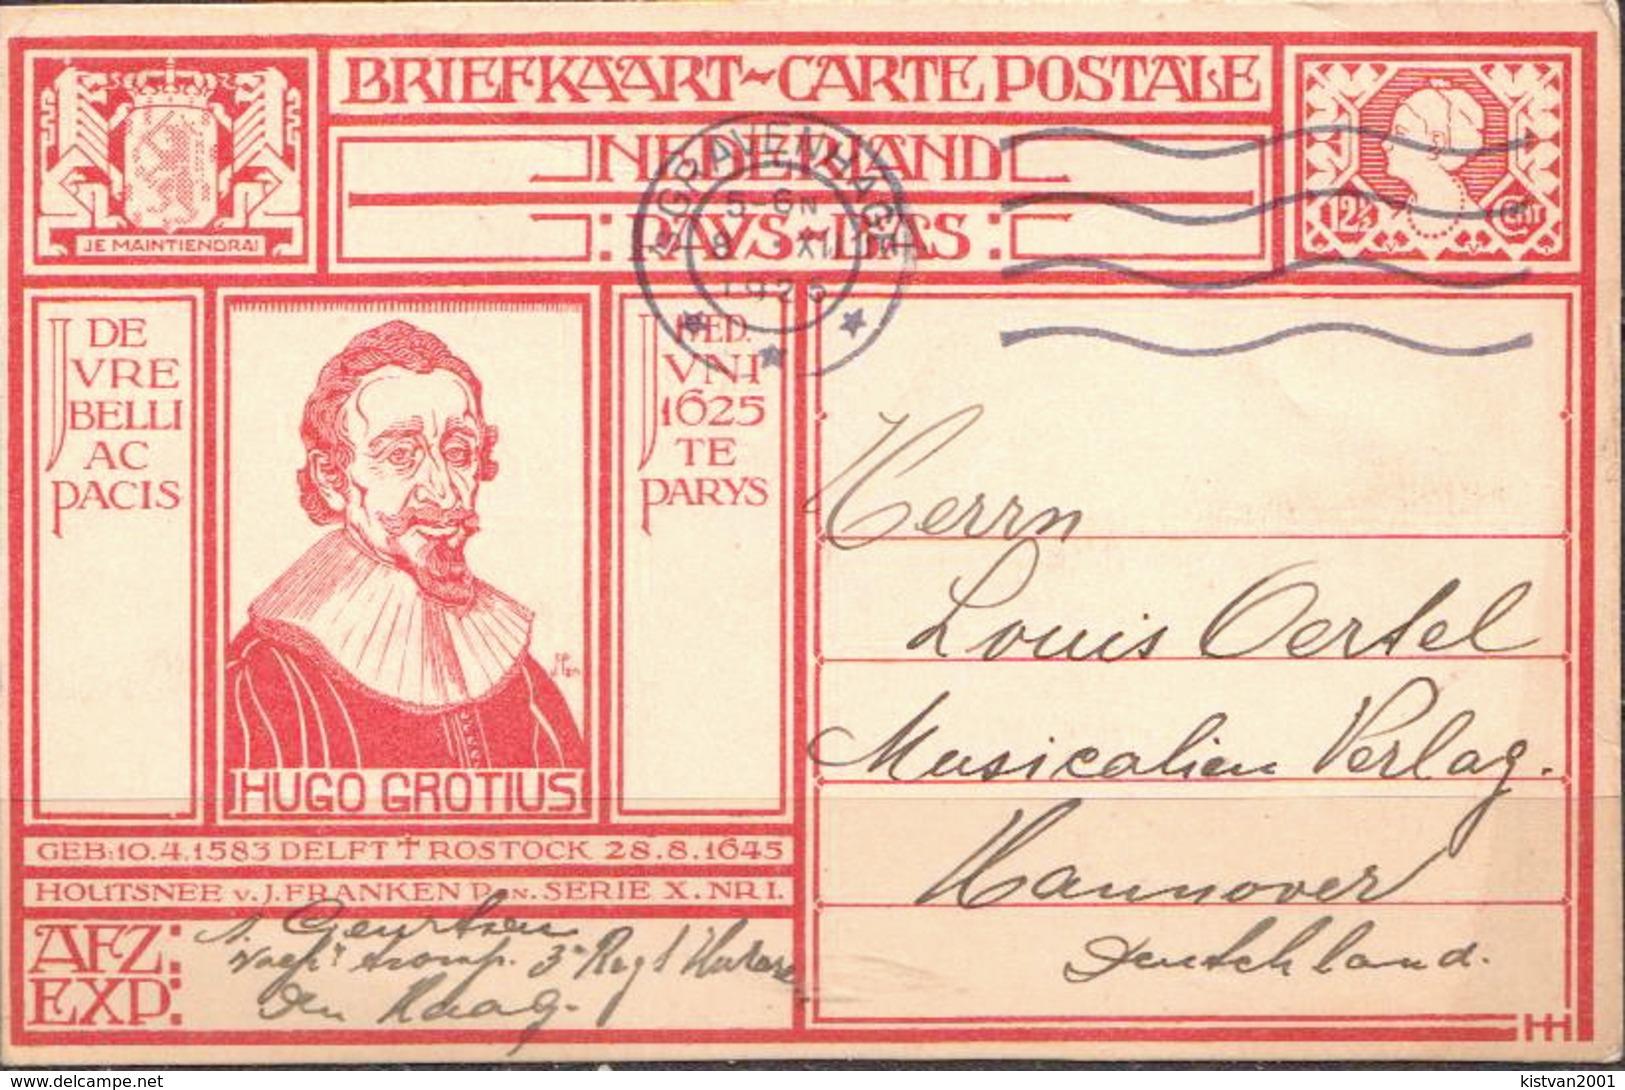 Postal History: Netherlands Postal Stationary From 1925 Hugo Grotius - Postal Stationery